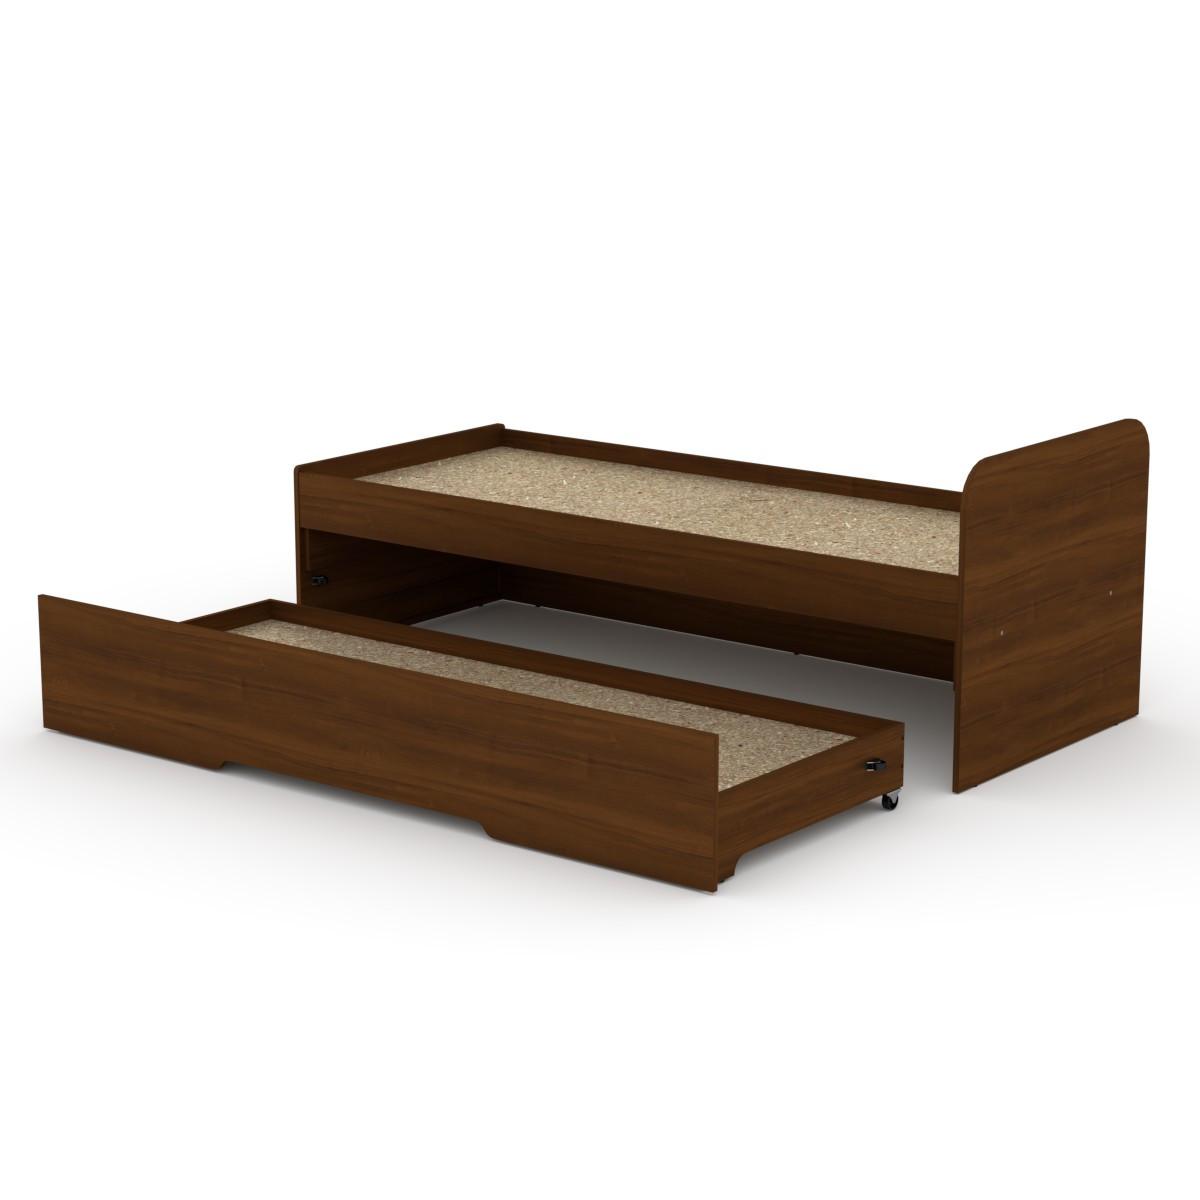 Односпальная кровать 80 + 70 с дополнительным спальным местом